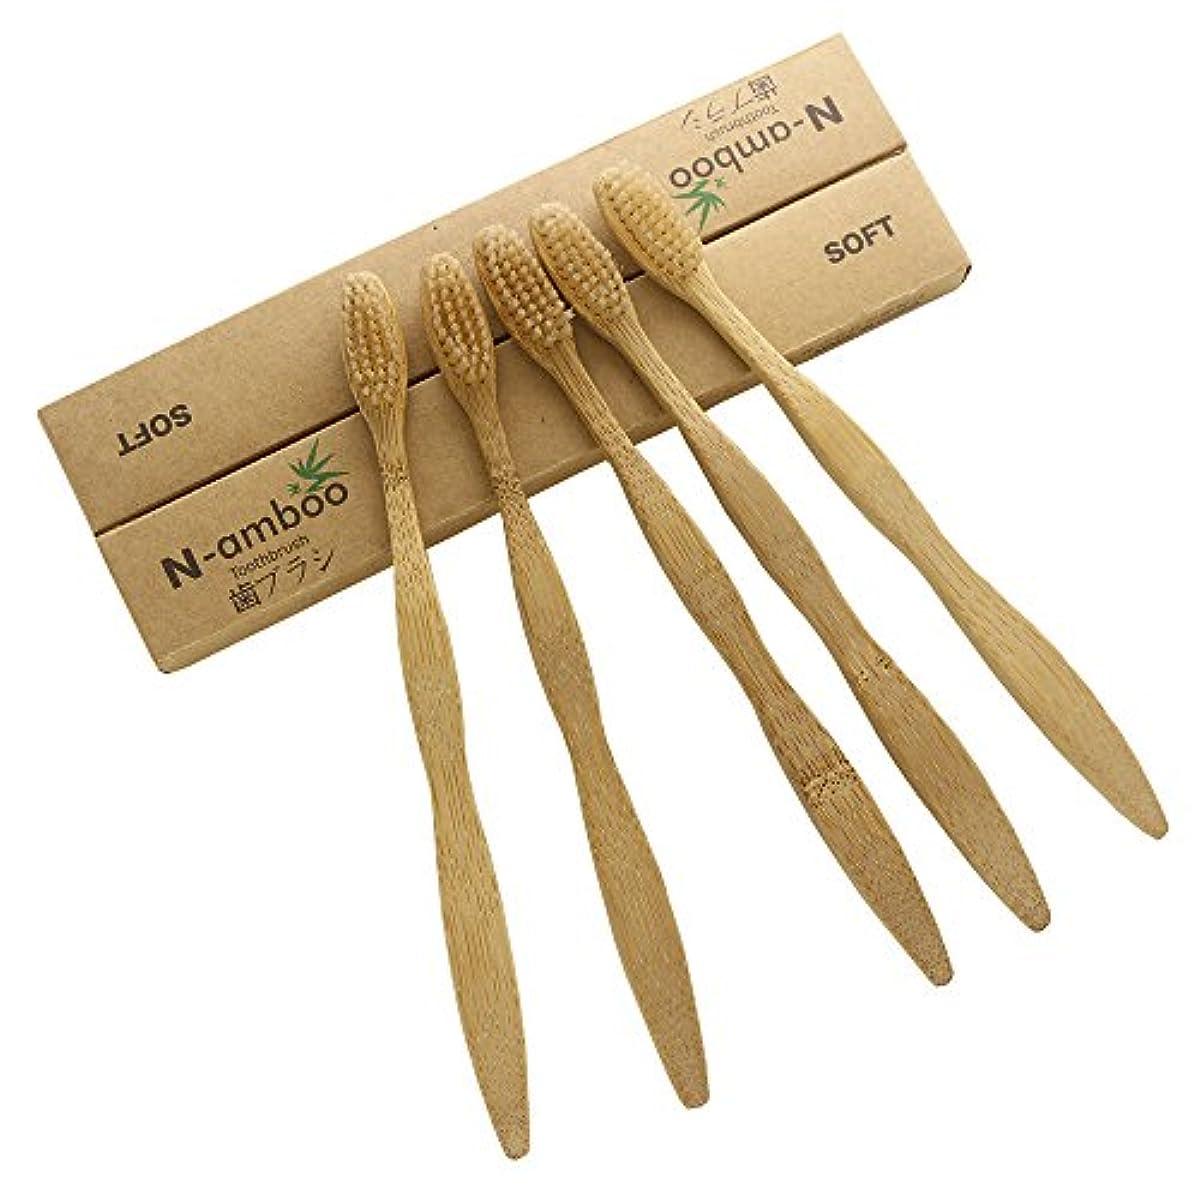 眩惑するガチョウ慢なN-amboo 歯ブラシ 竹製 耐久性 ベージュ セット (5本)